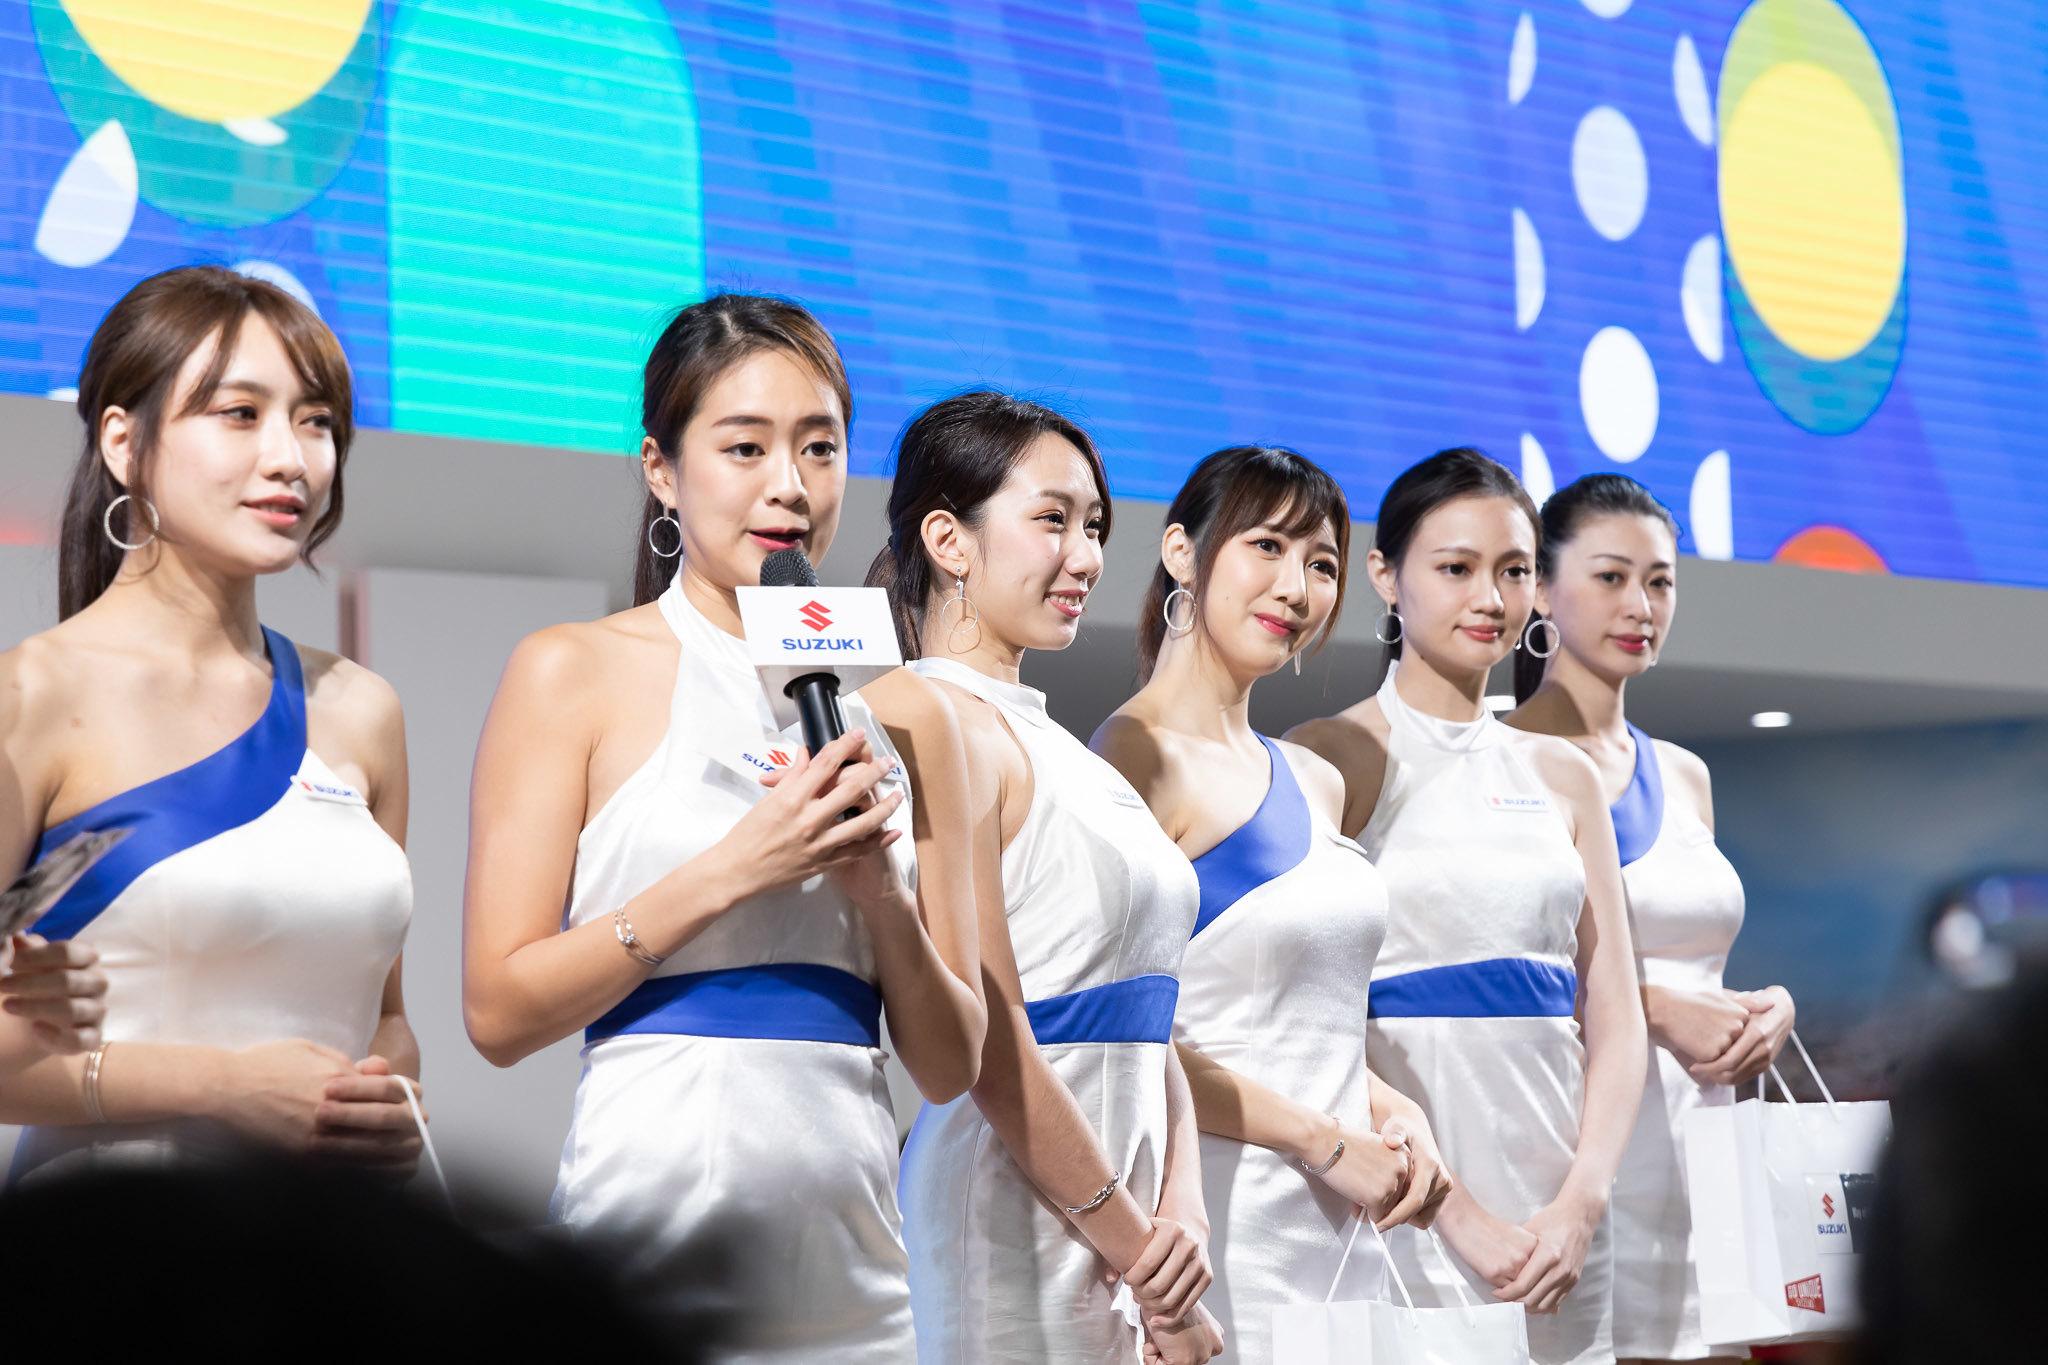 汽車 Cars - 台北 2020 Taipei 2020 #0046